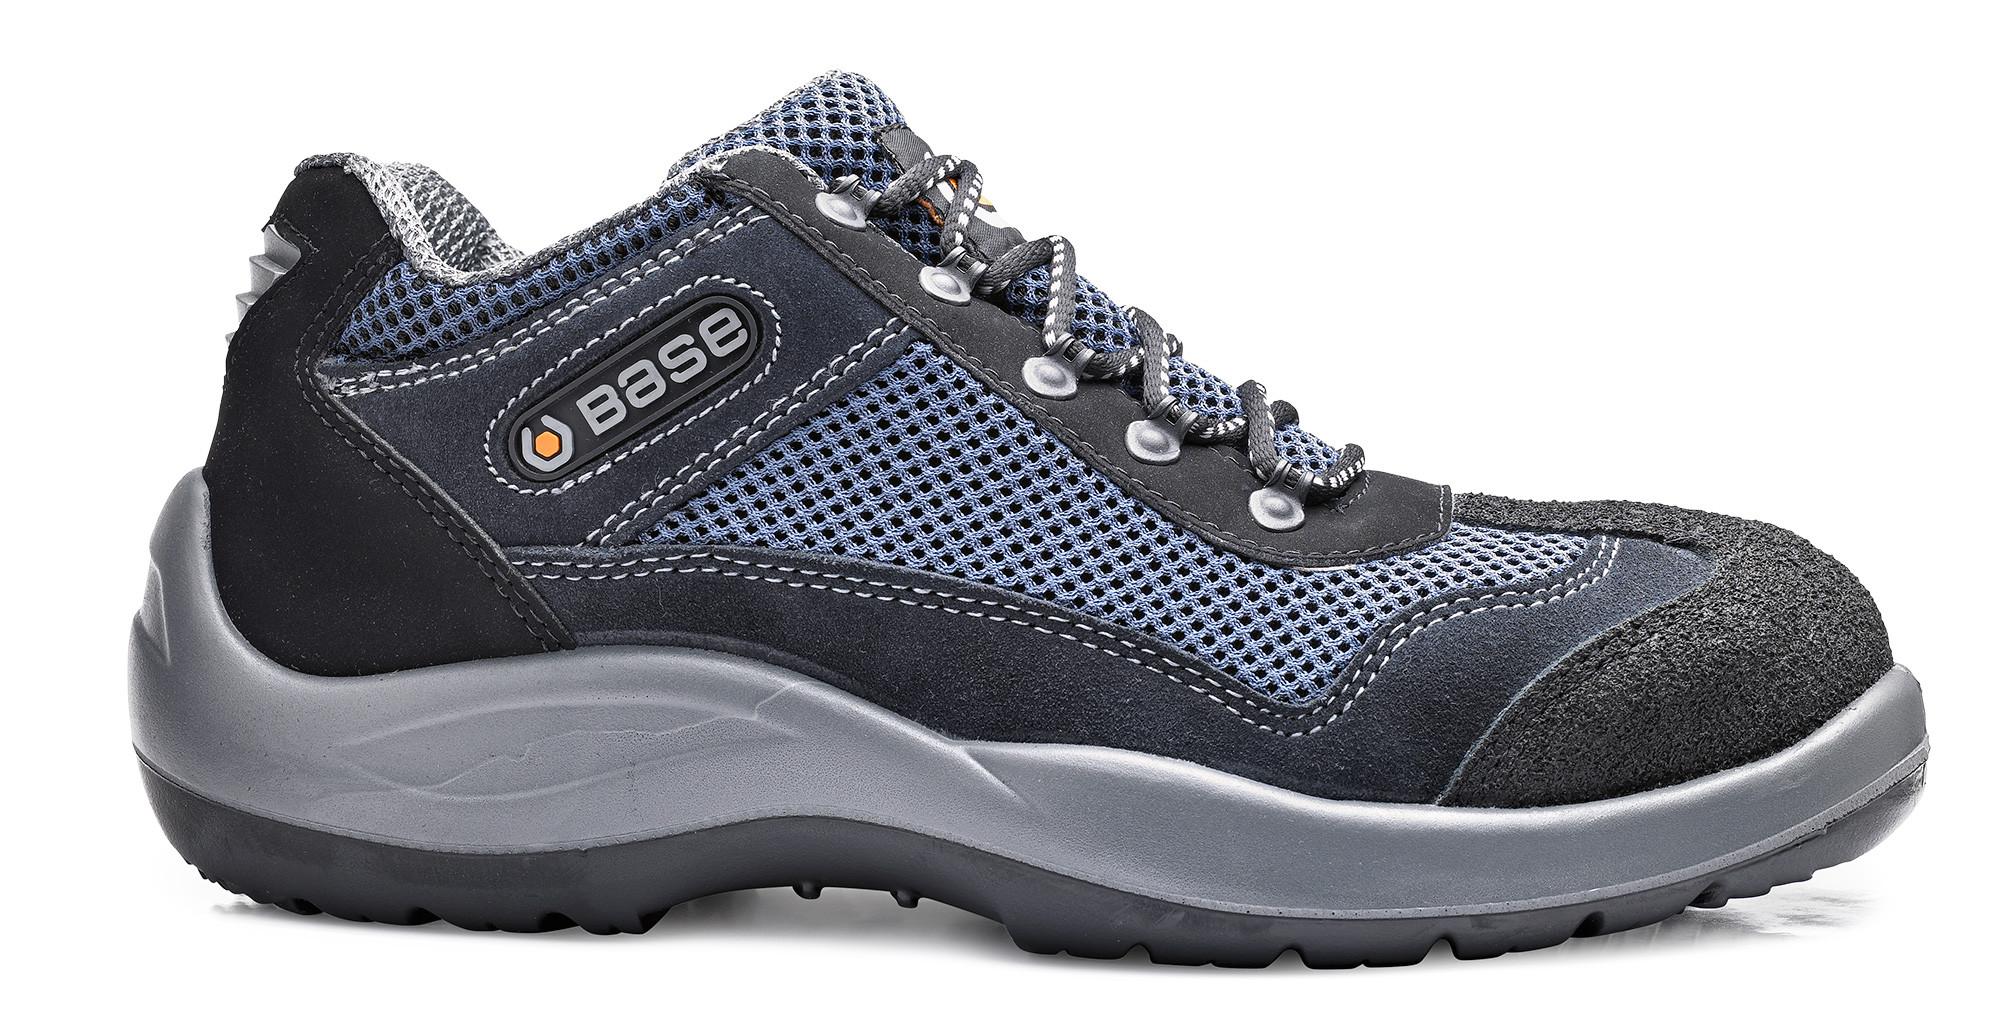 BASE - Sikkerhedssko, S1P SRC, B496